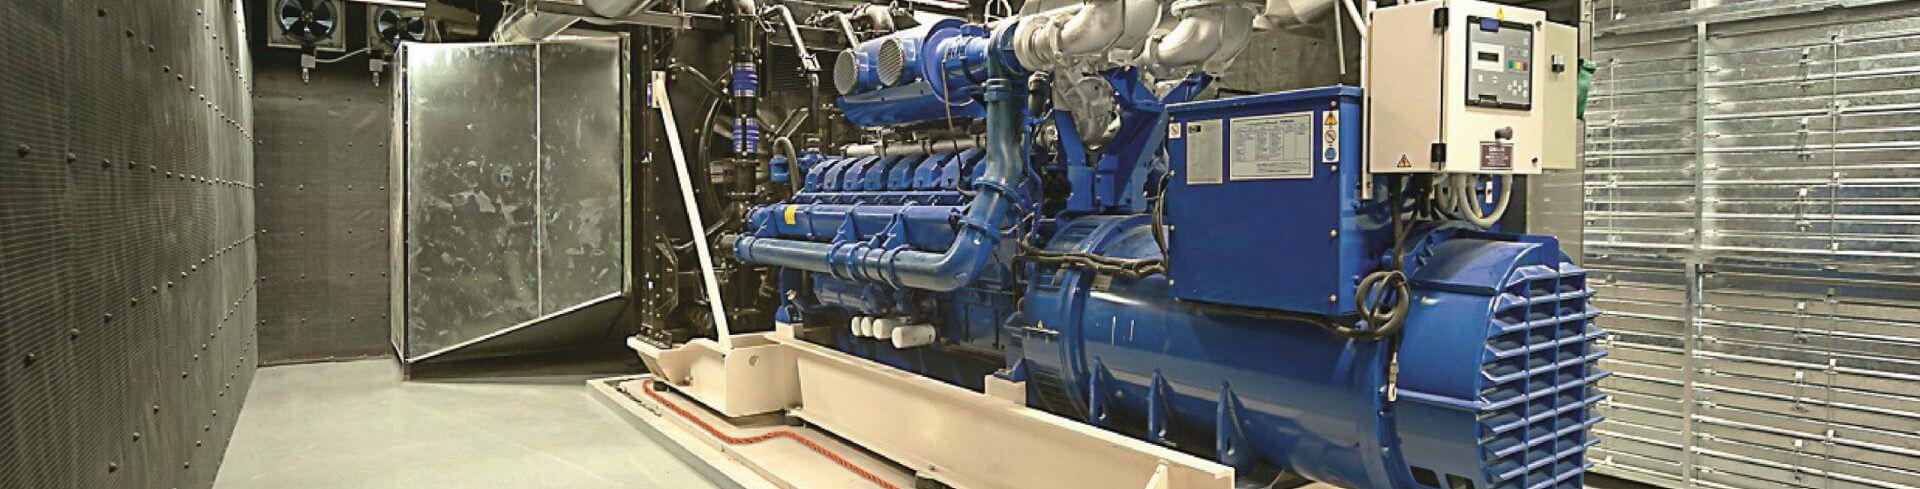 Soluciones de detección de fugas de diesel TTK para generadores